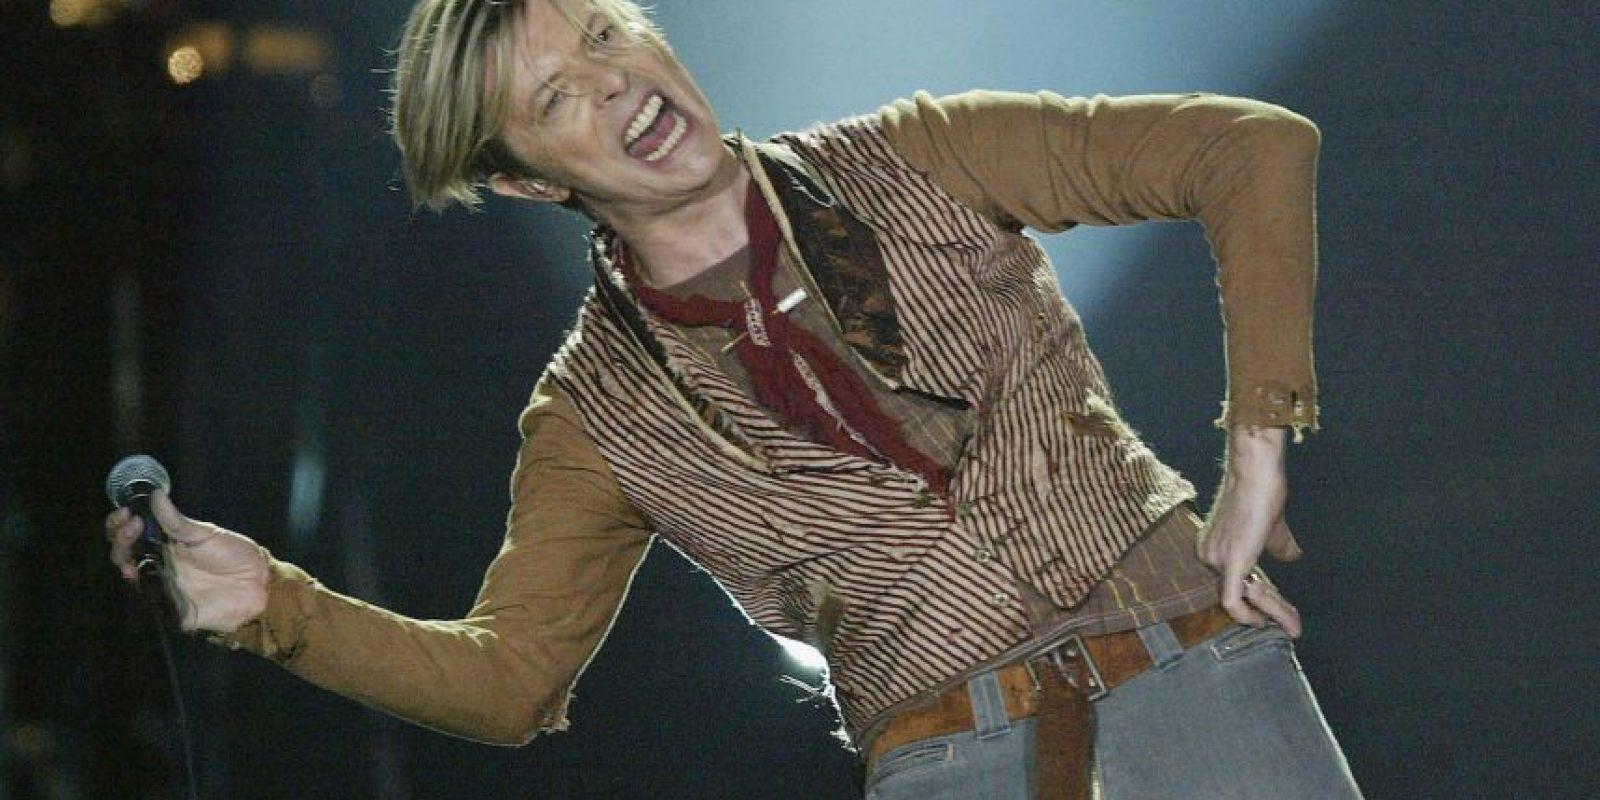 El músico y compositor siempre se ha caracterizado por su apariencia andrógina desde los años 70 Foto:Getty Images